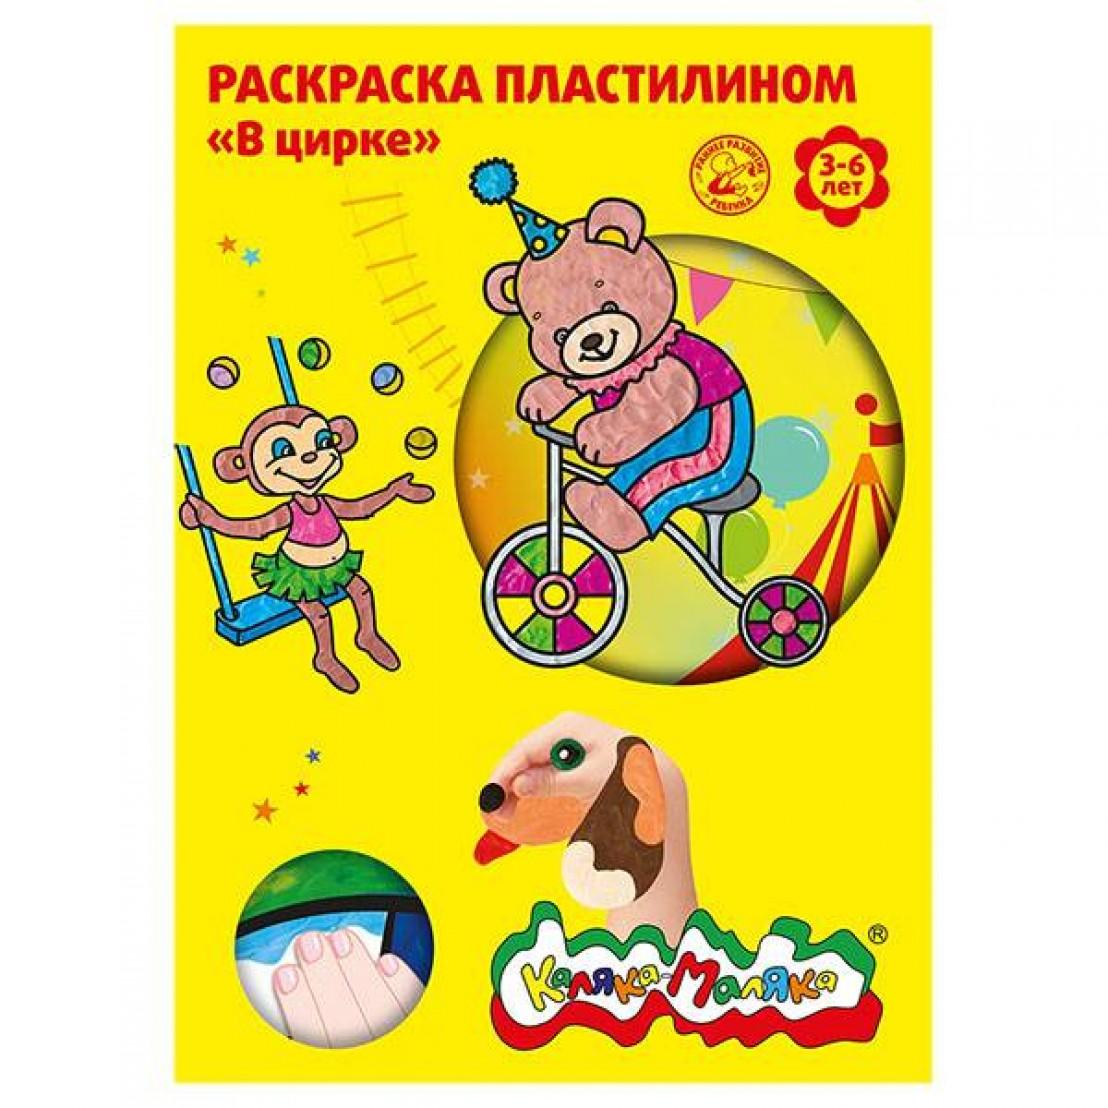 Раскраска пластилином Каляка-Маляка В ЦИРКЕ 4 карт. А4